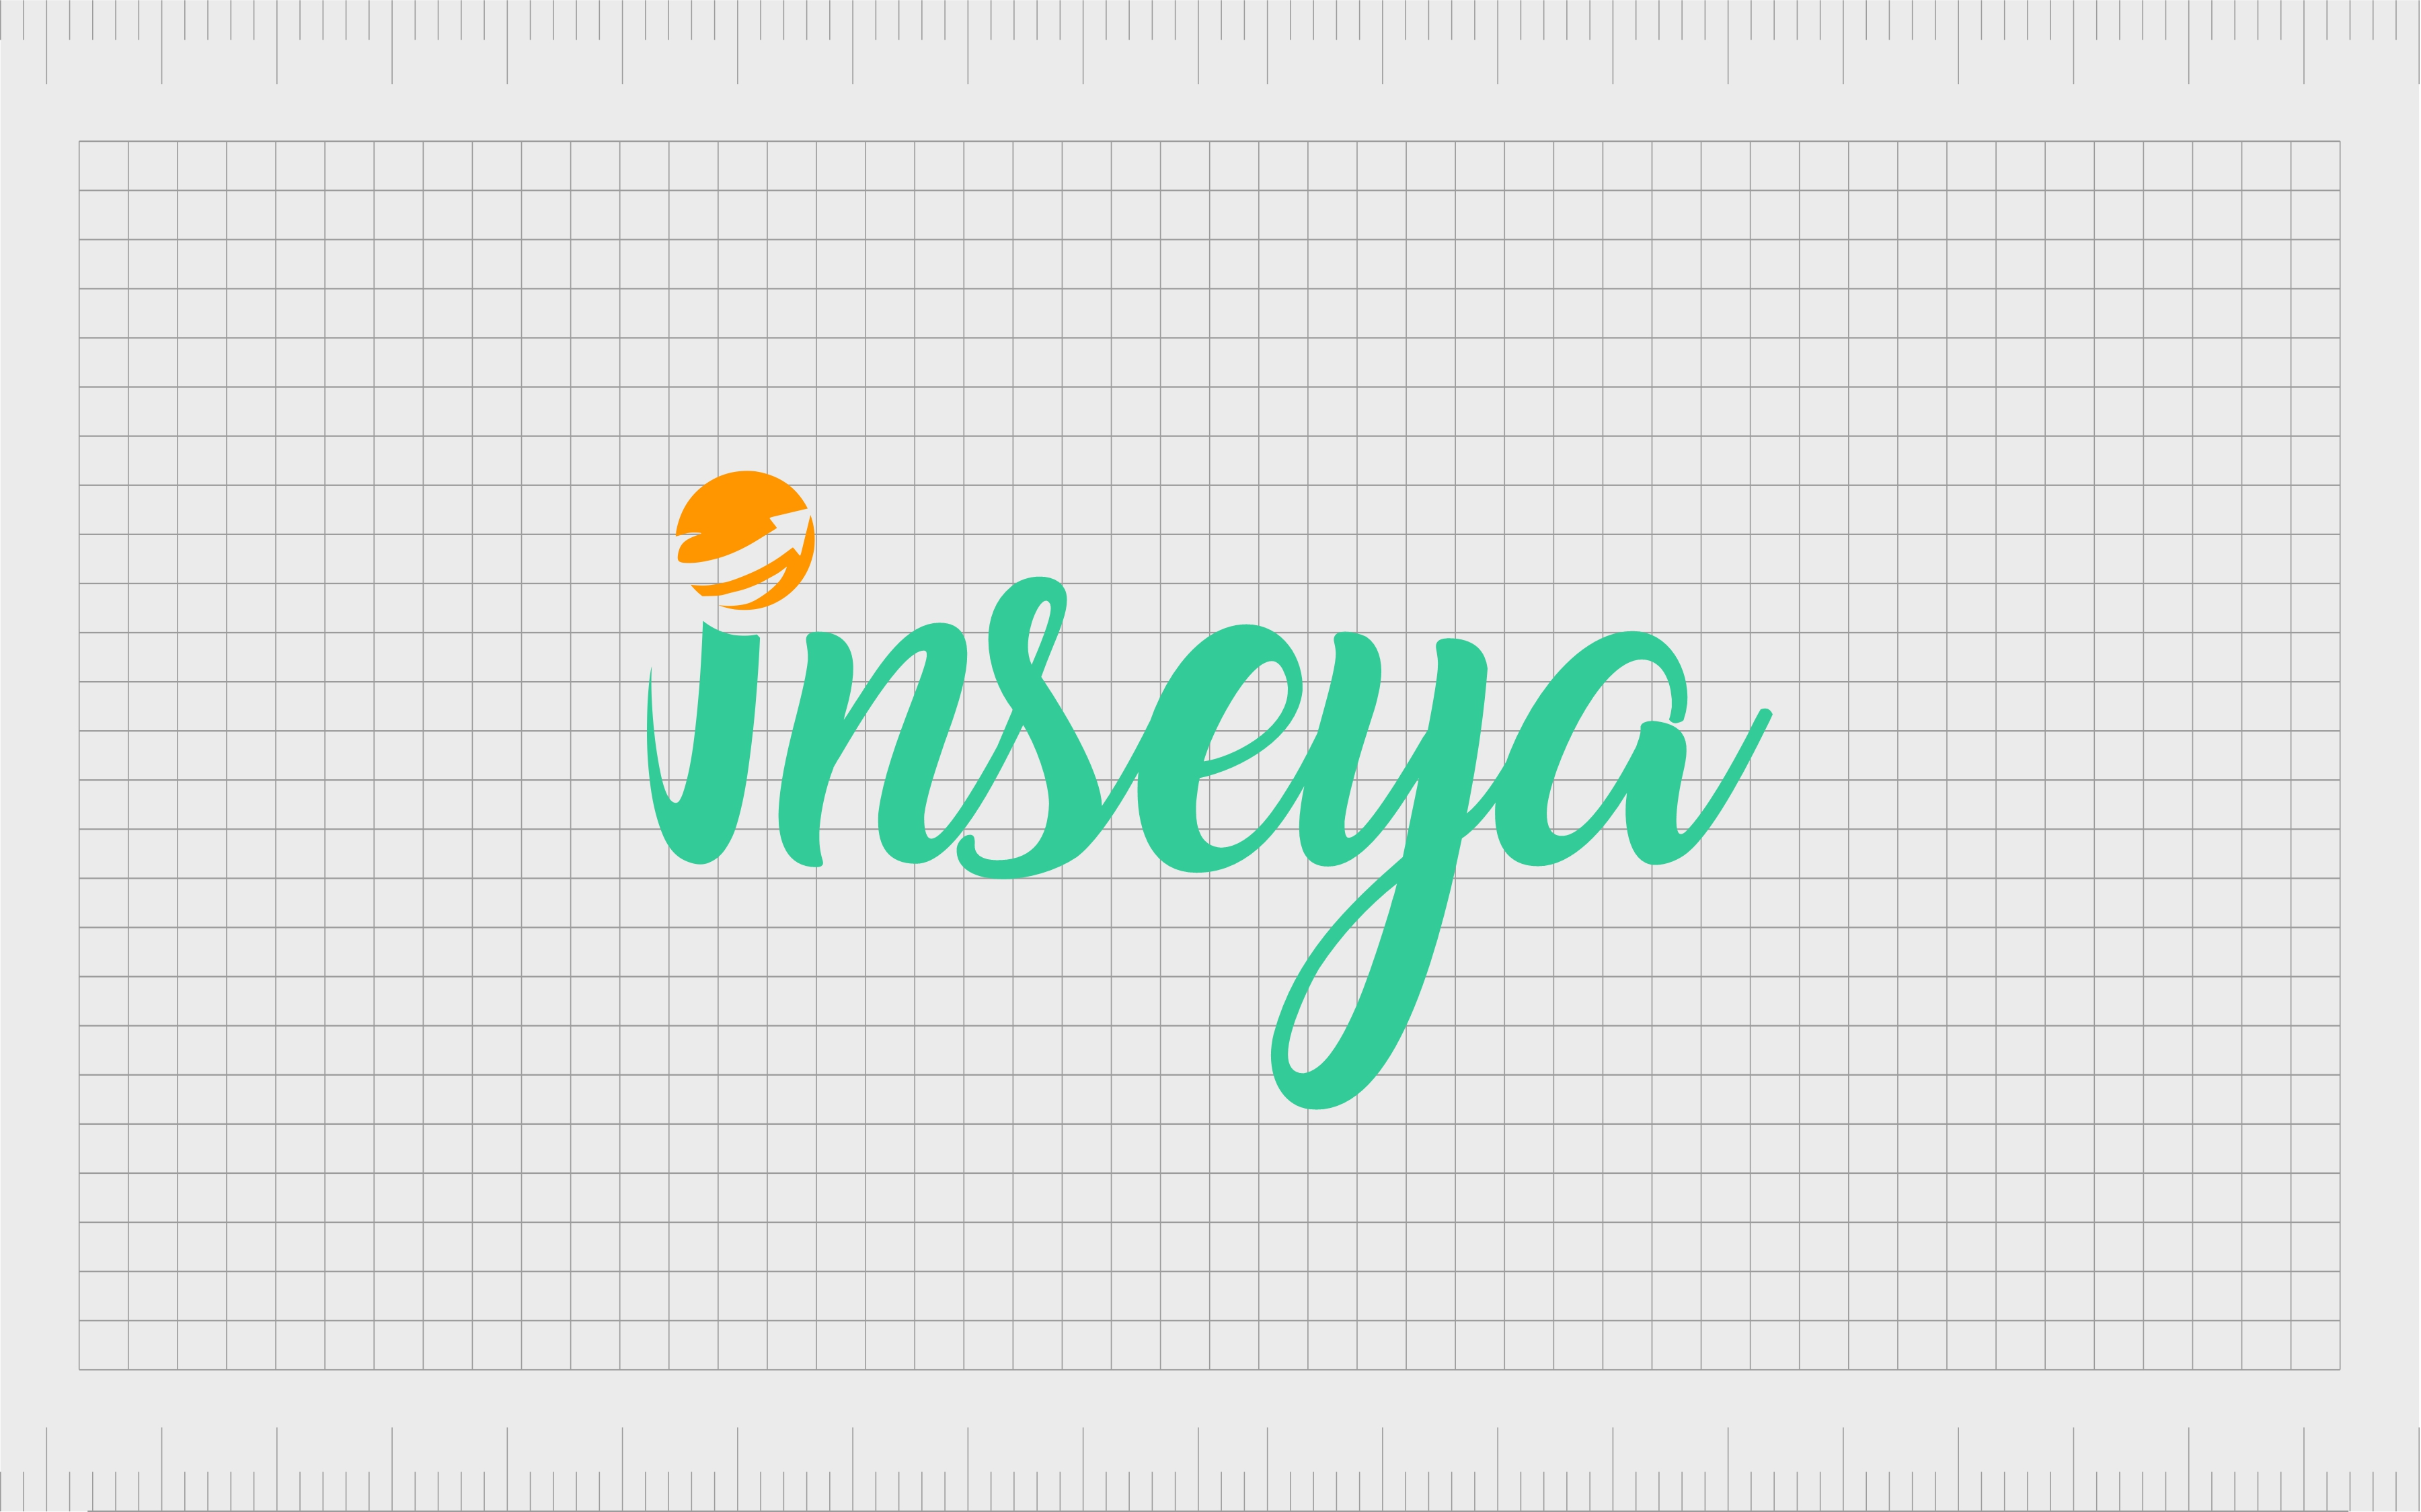 Inseya